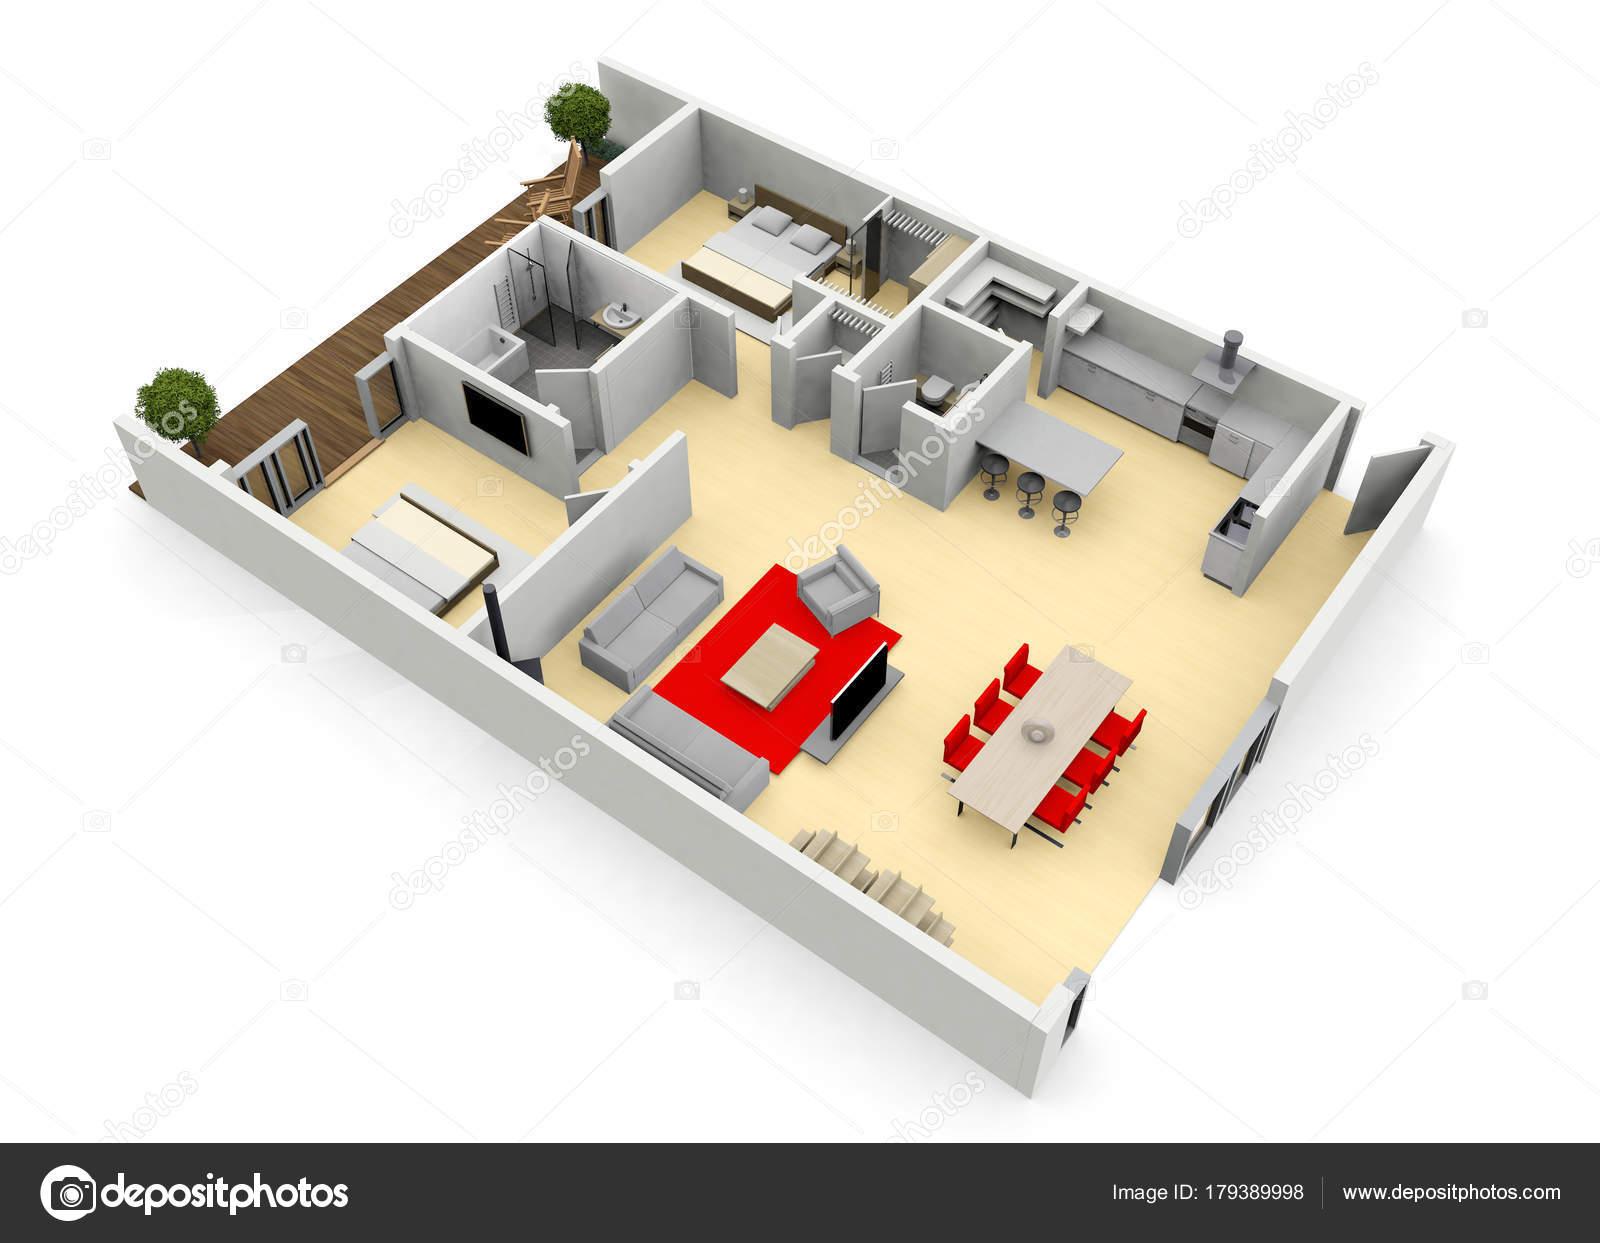 3D cgi oiseaux oeil vue plan d étage d une maison ou un appartement– images  de stock libres de droits ab2351978a21